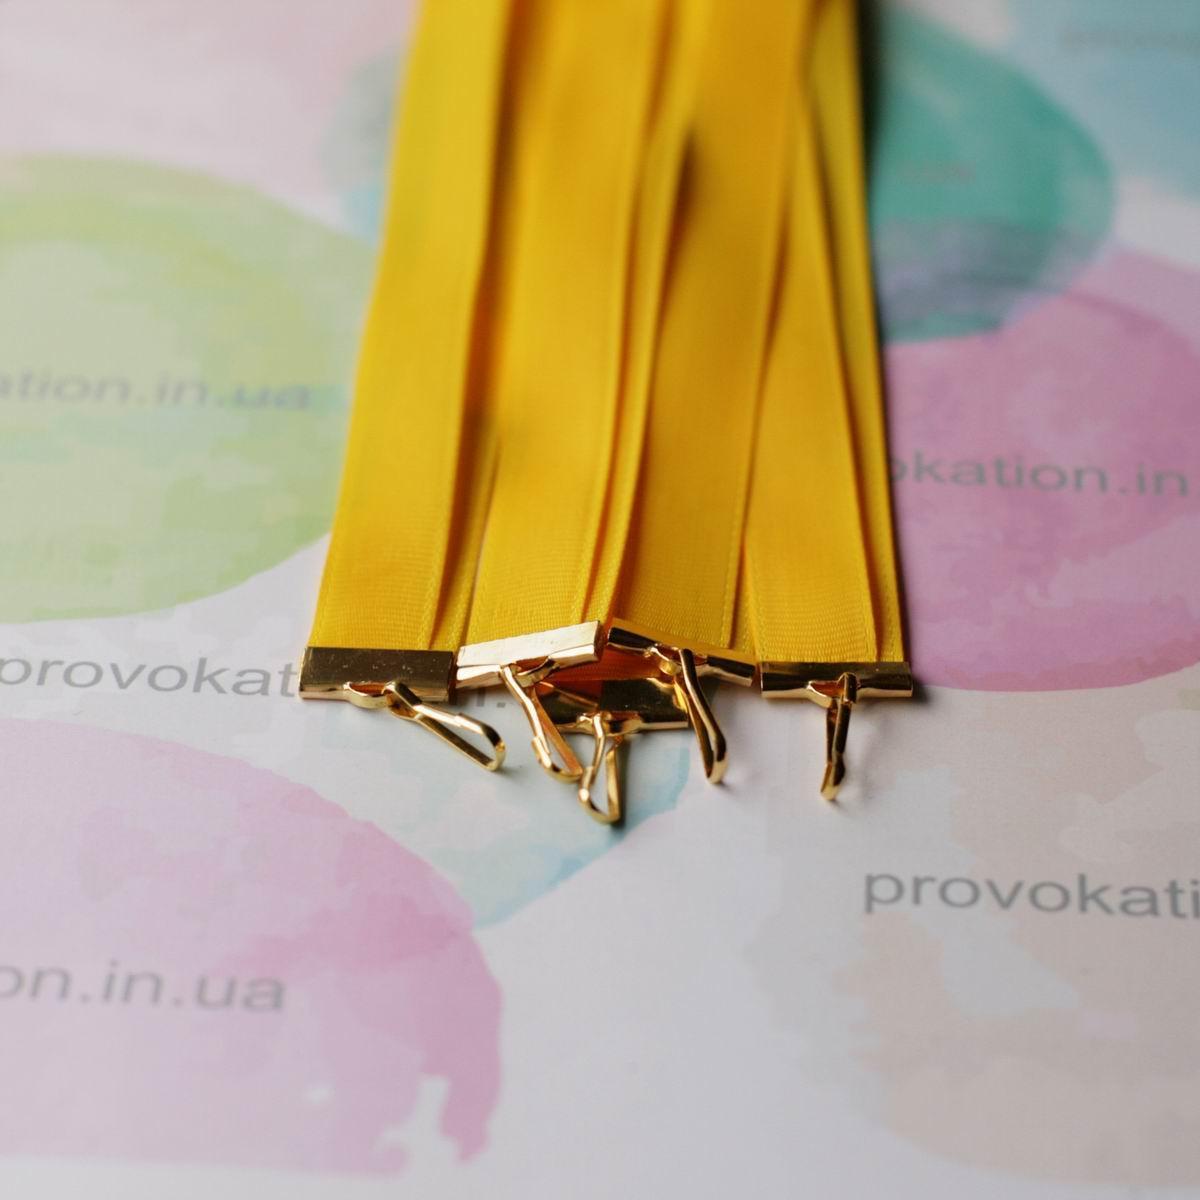 Лента для медалей и наград, Жёлтая, 12мм, 65см